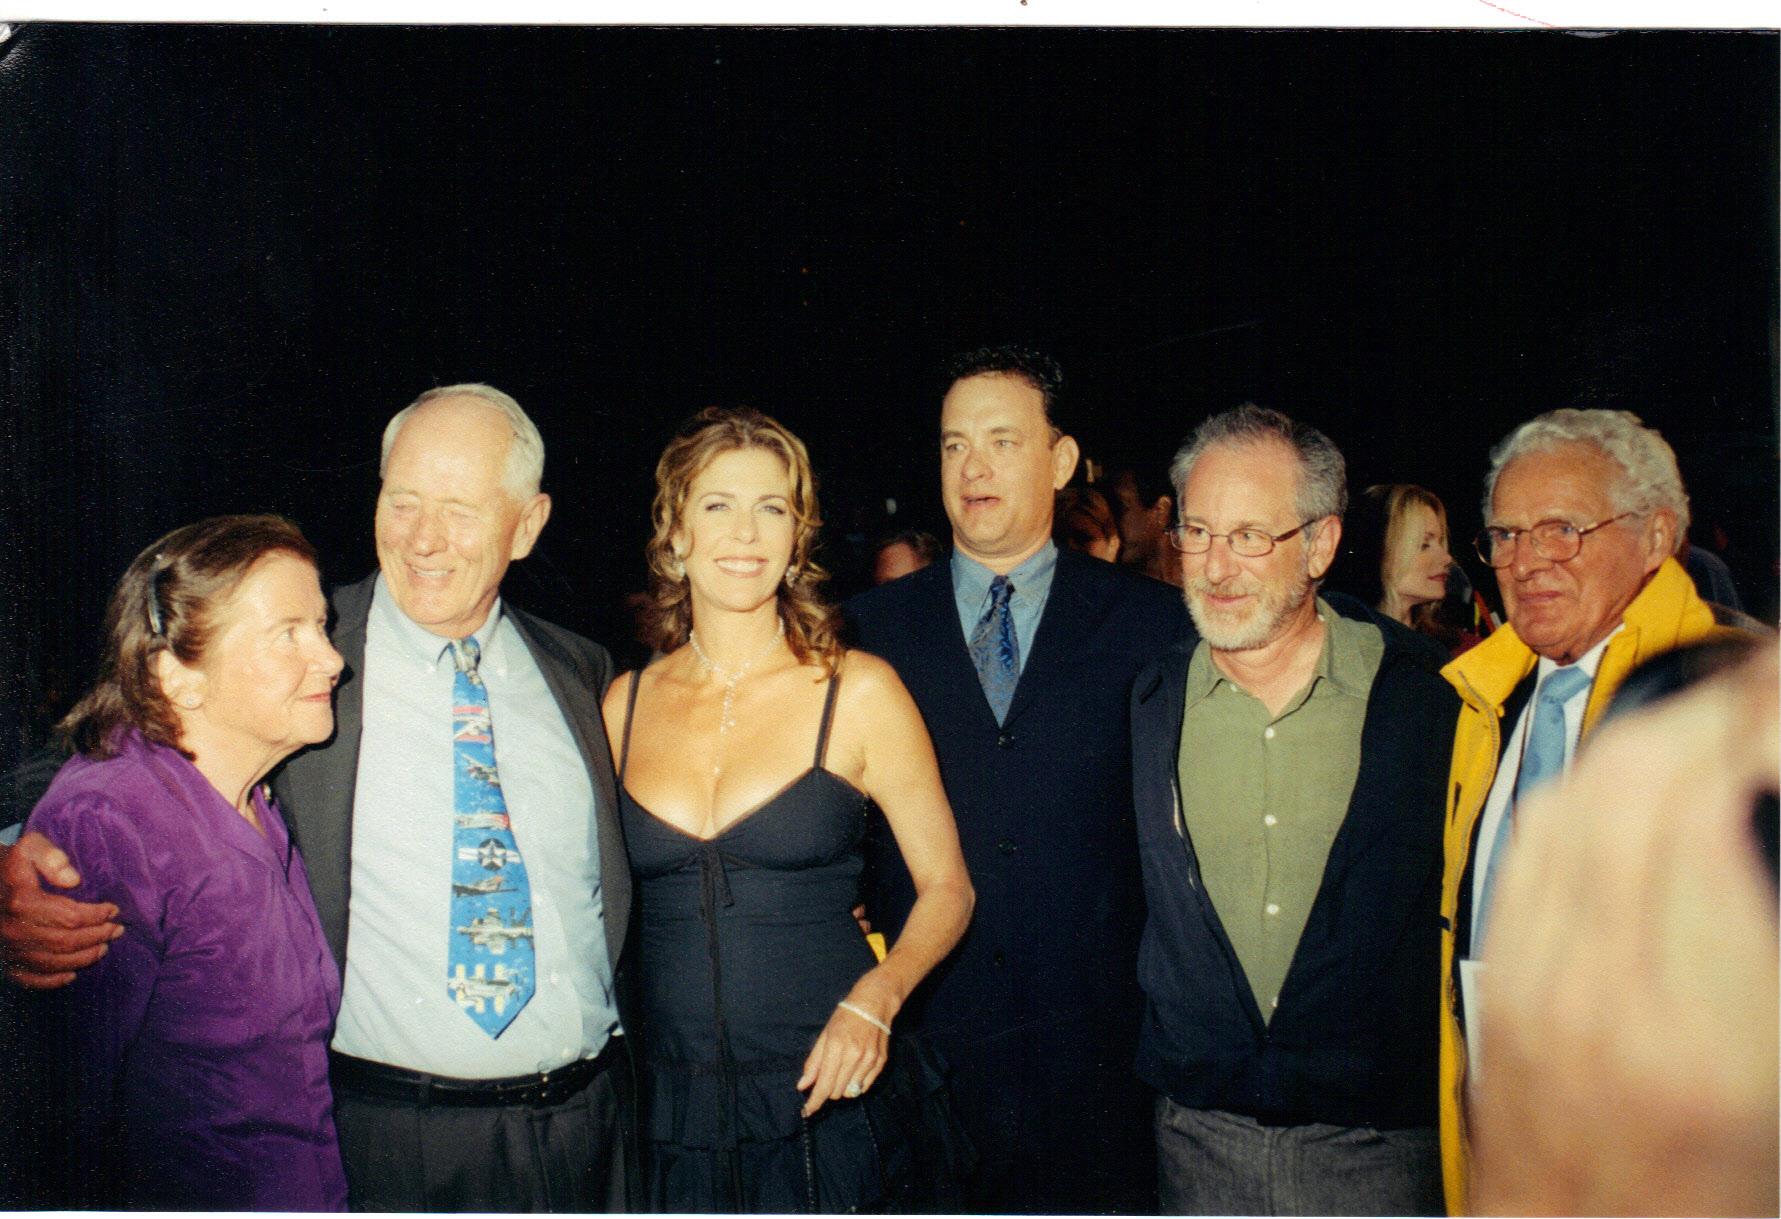 Stephen Ambrose Tom Hanks Steven Spielberg